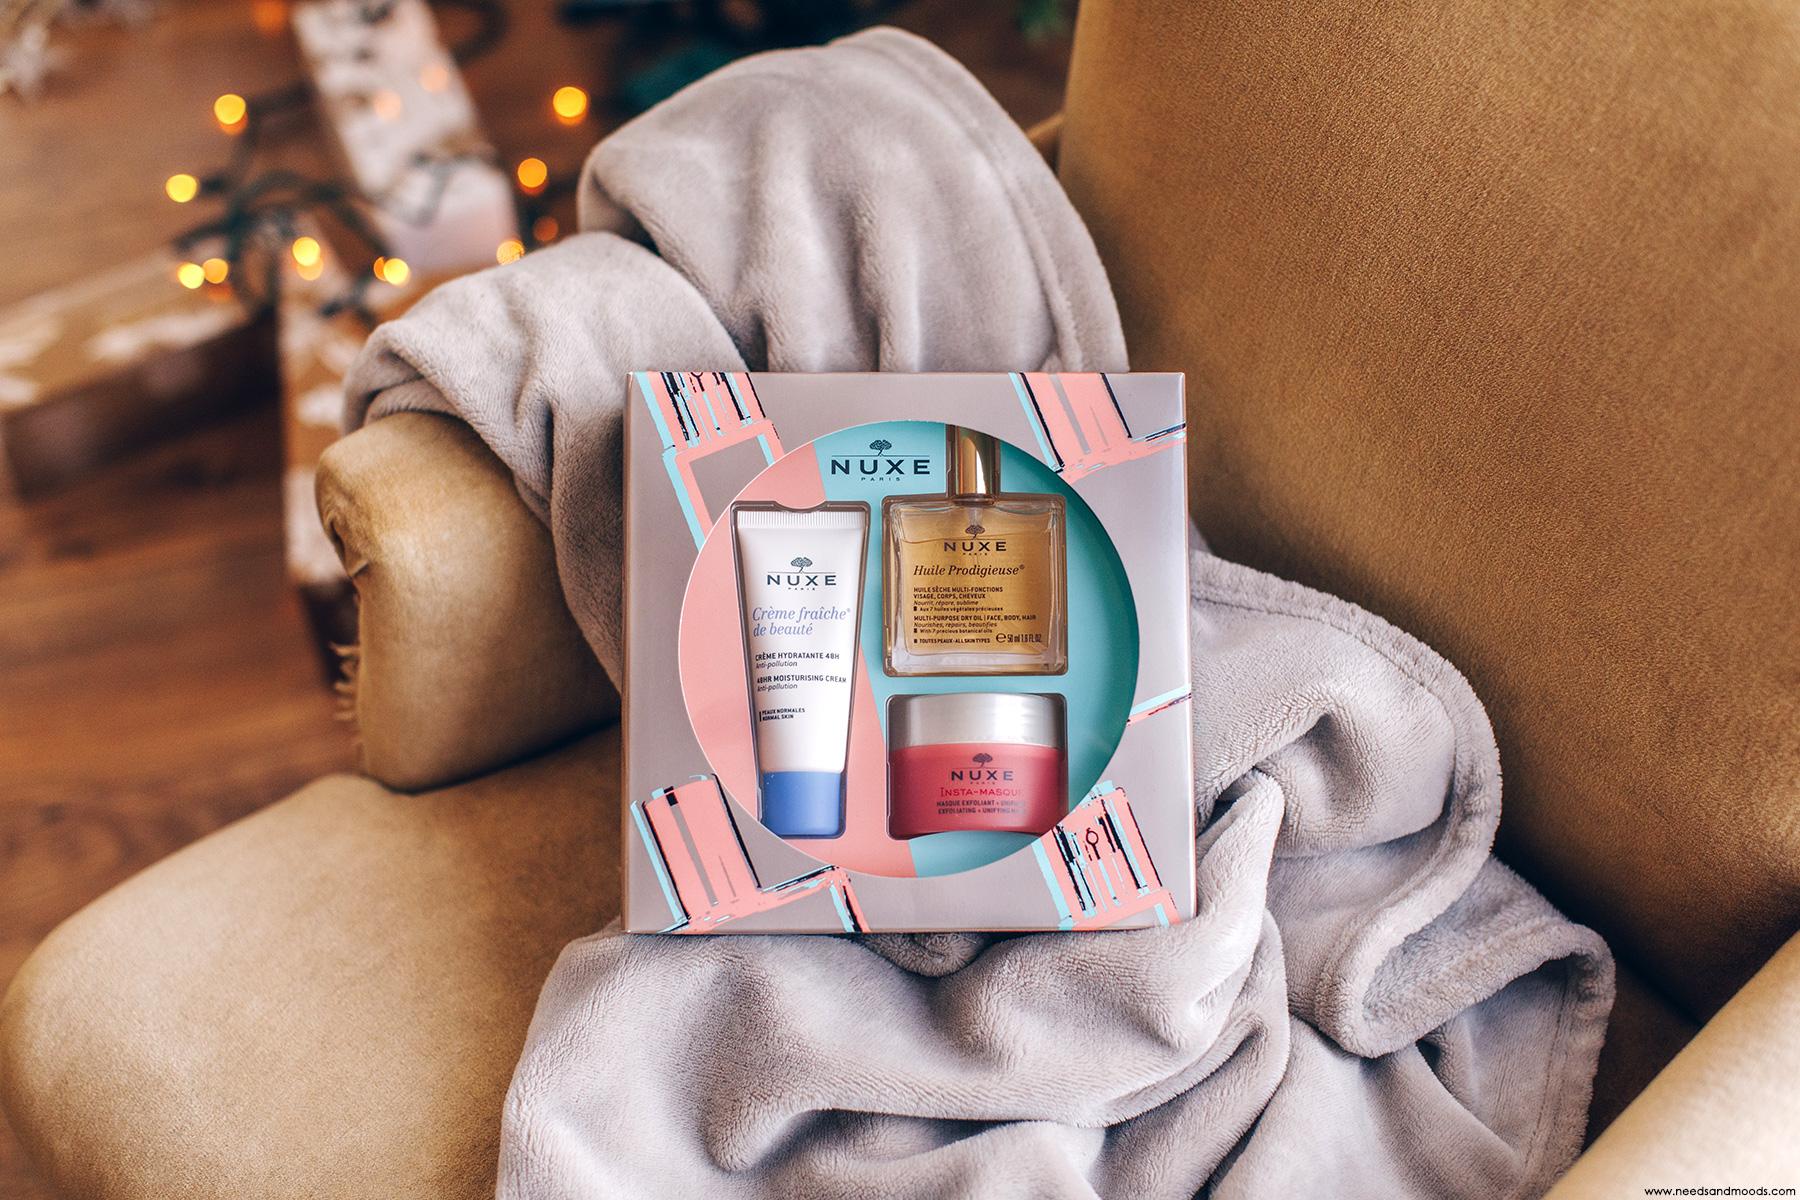 nuxe coffret cadeau essentiels visage